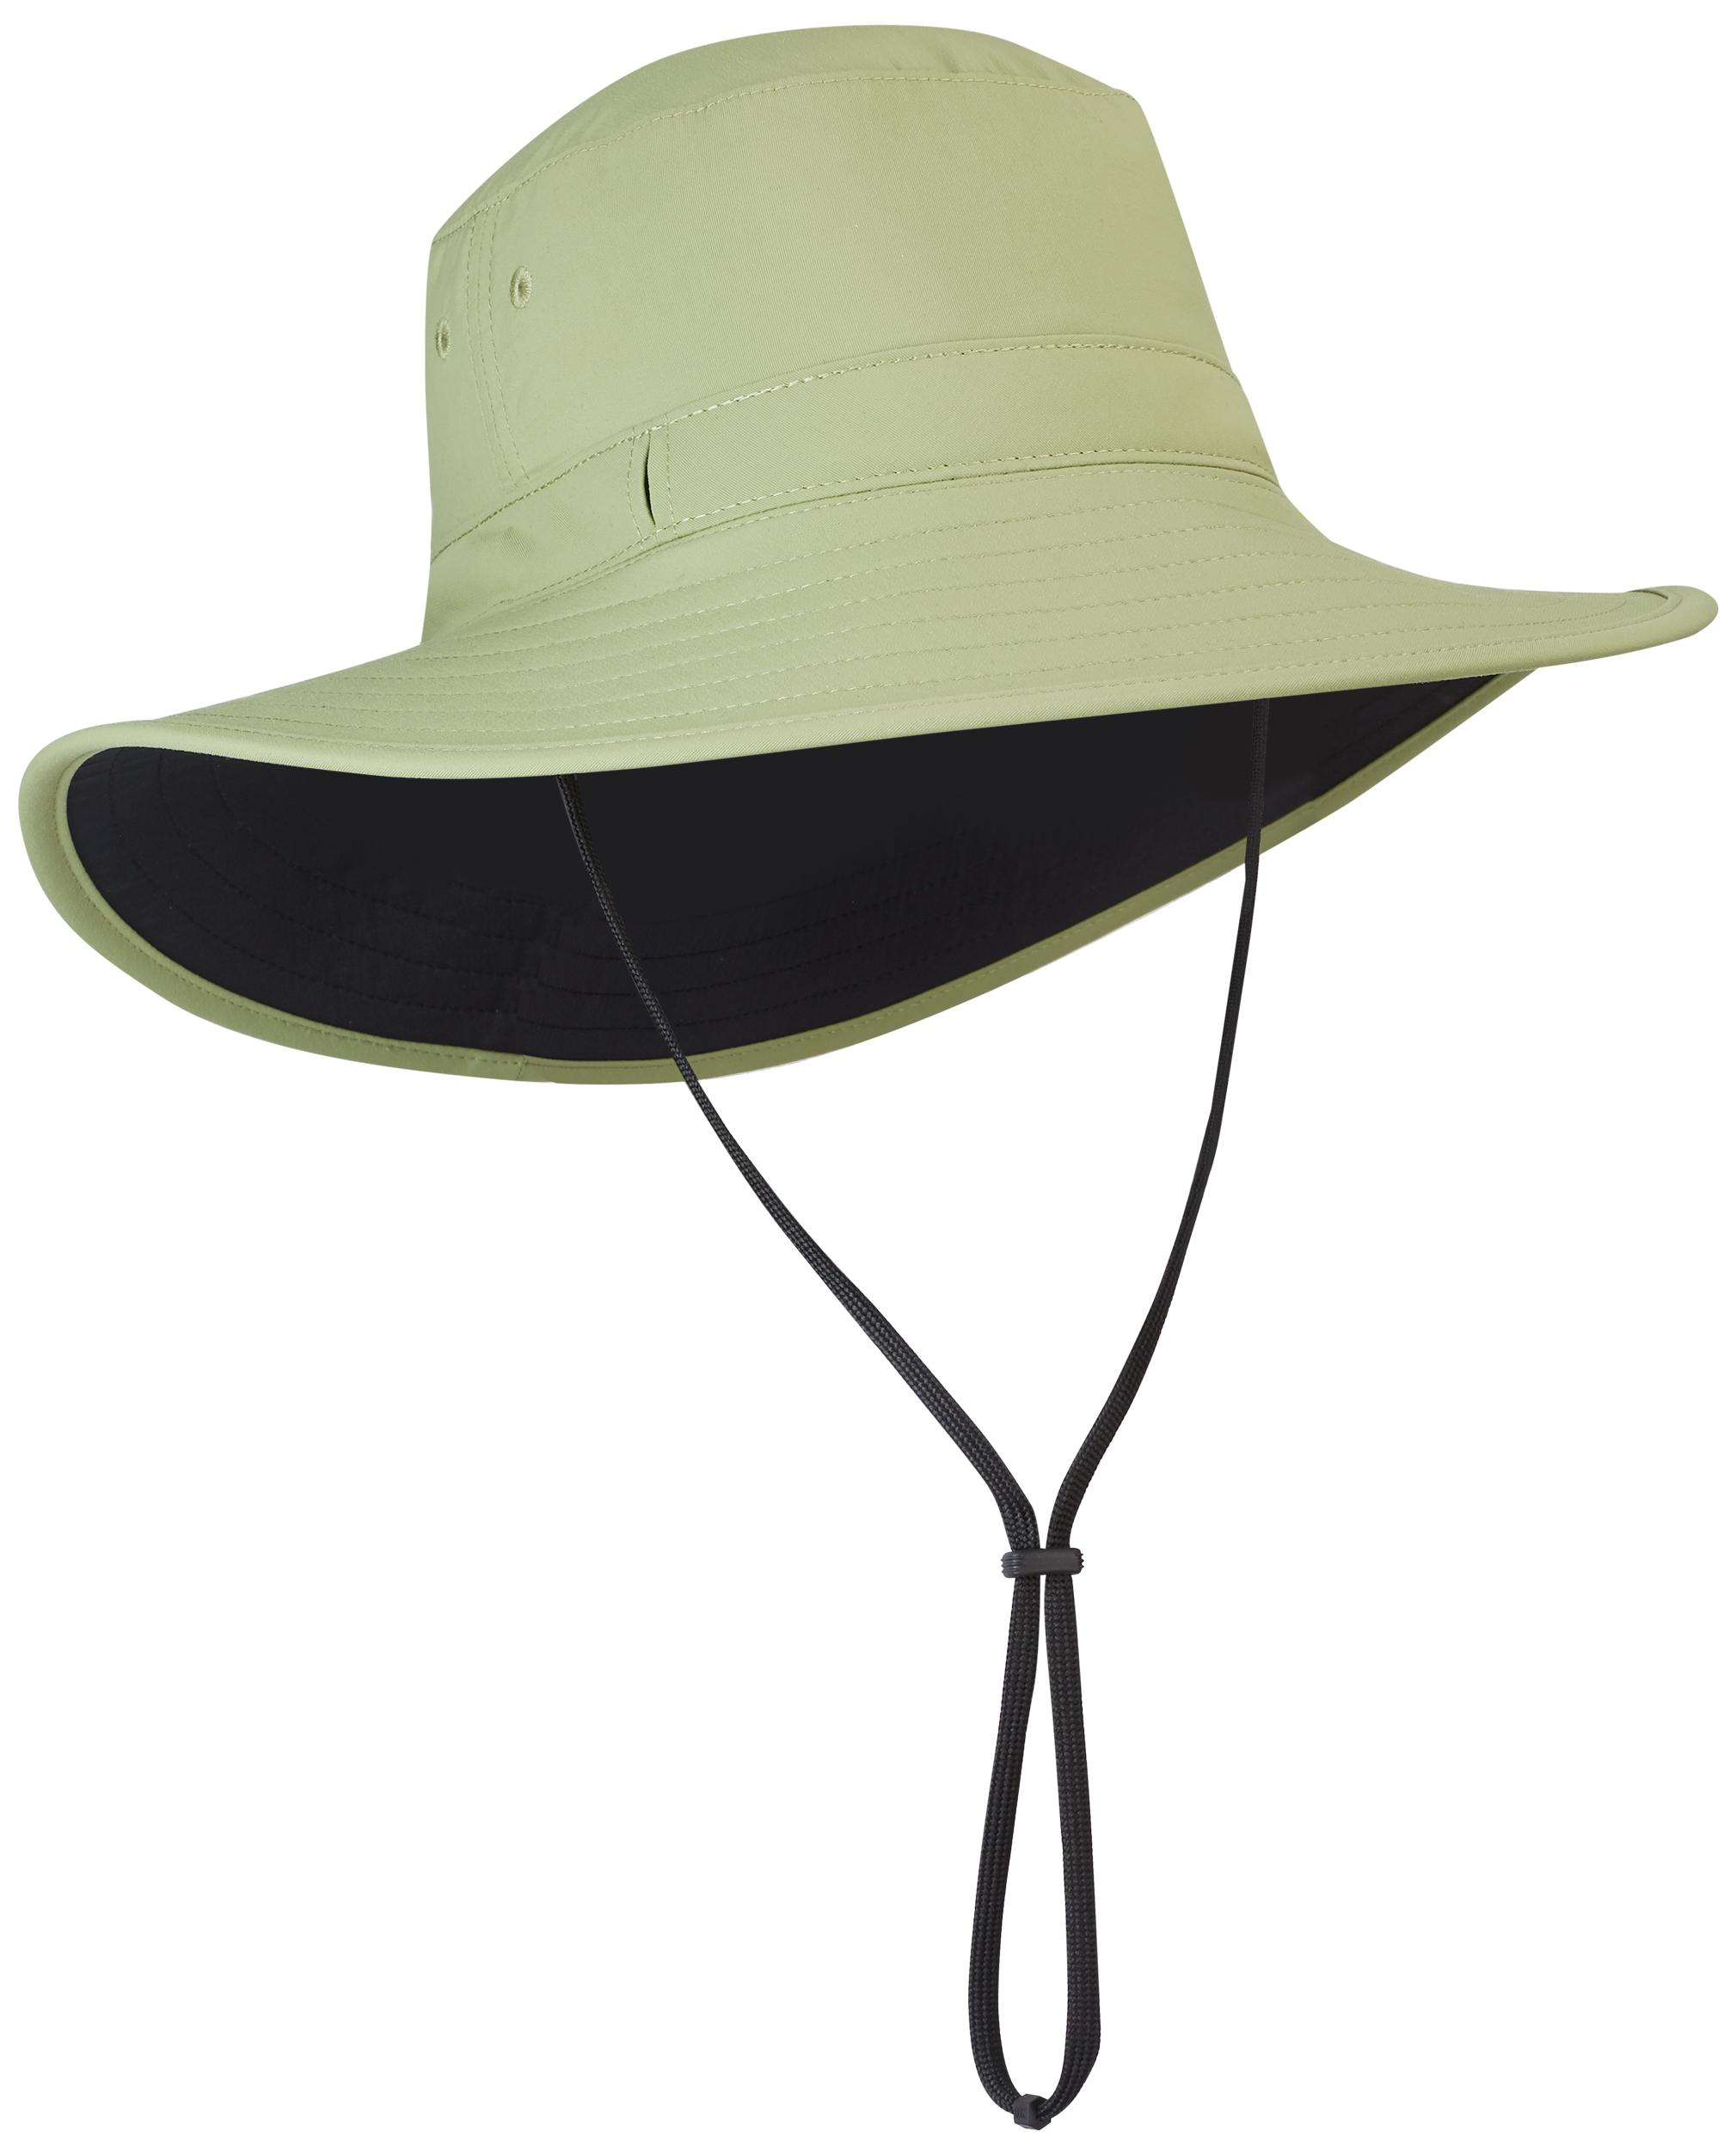 4bb0e09ee7980e Hats and toques | MEC